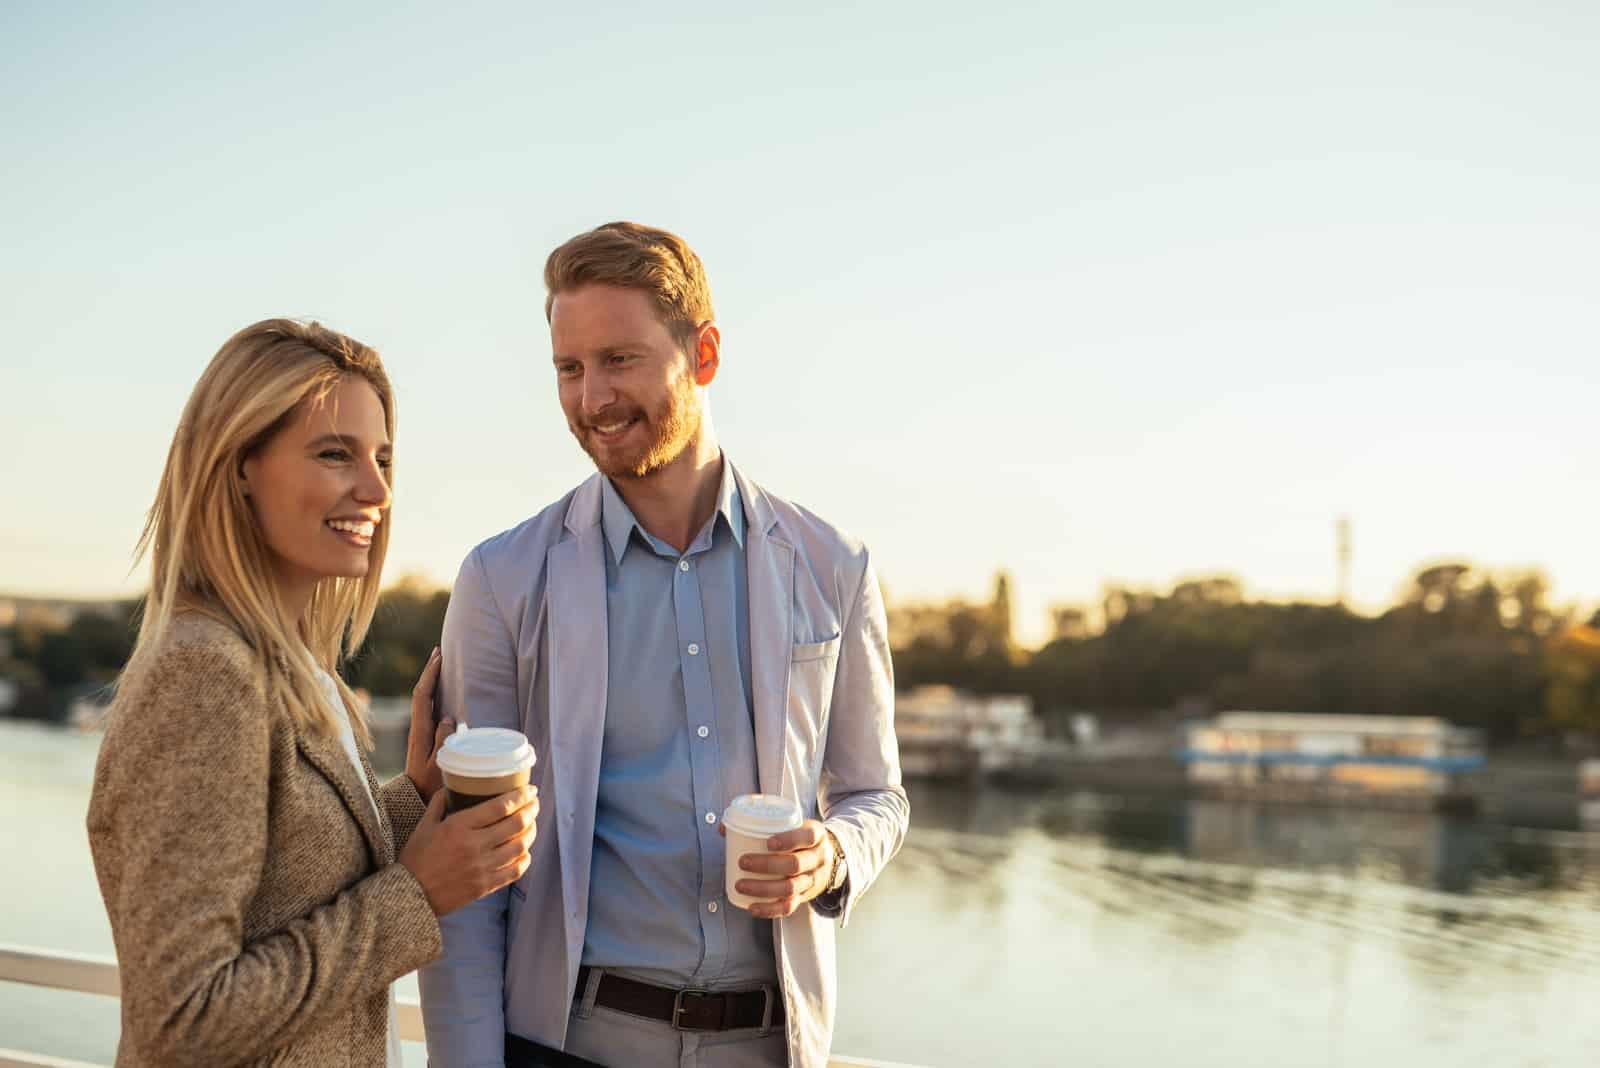 un homme et une femme debout tenant des tasses de café et riant